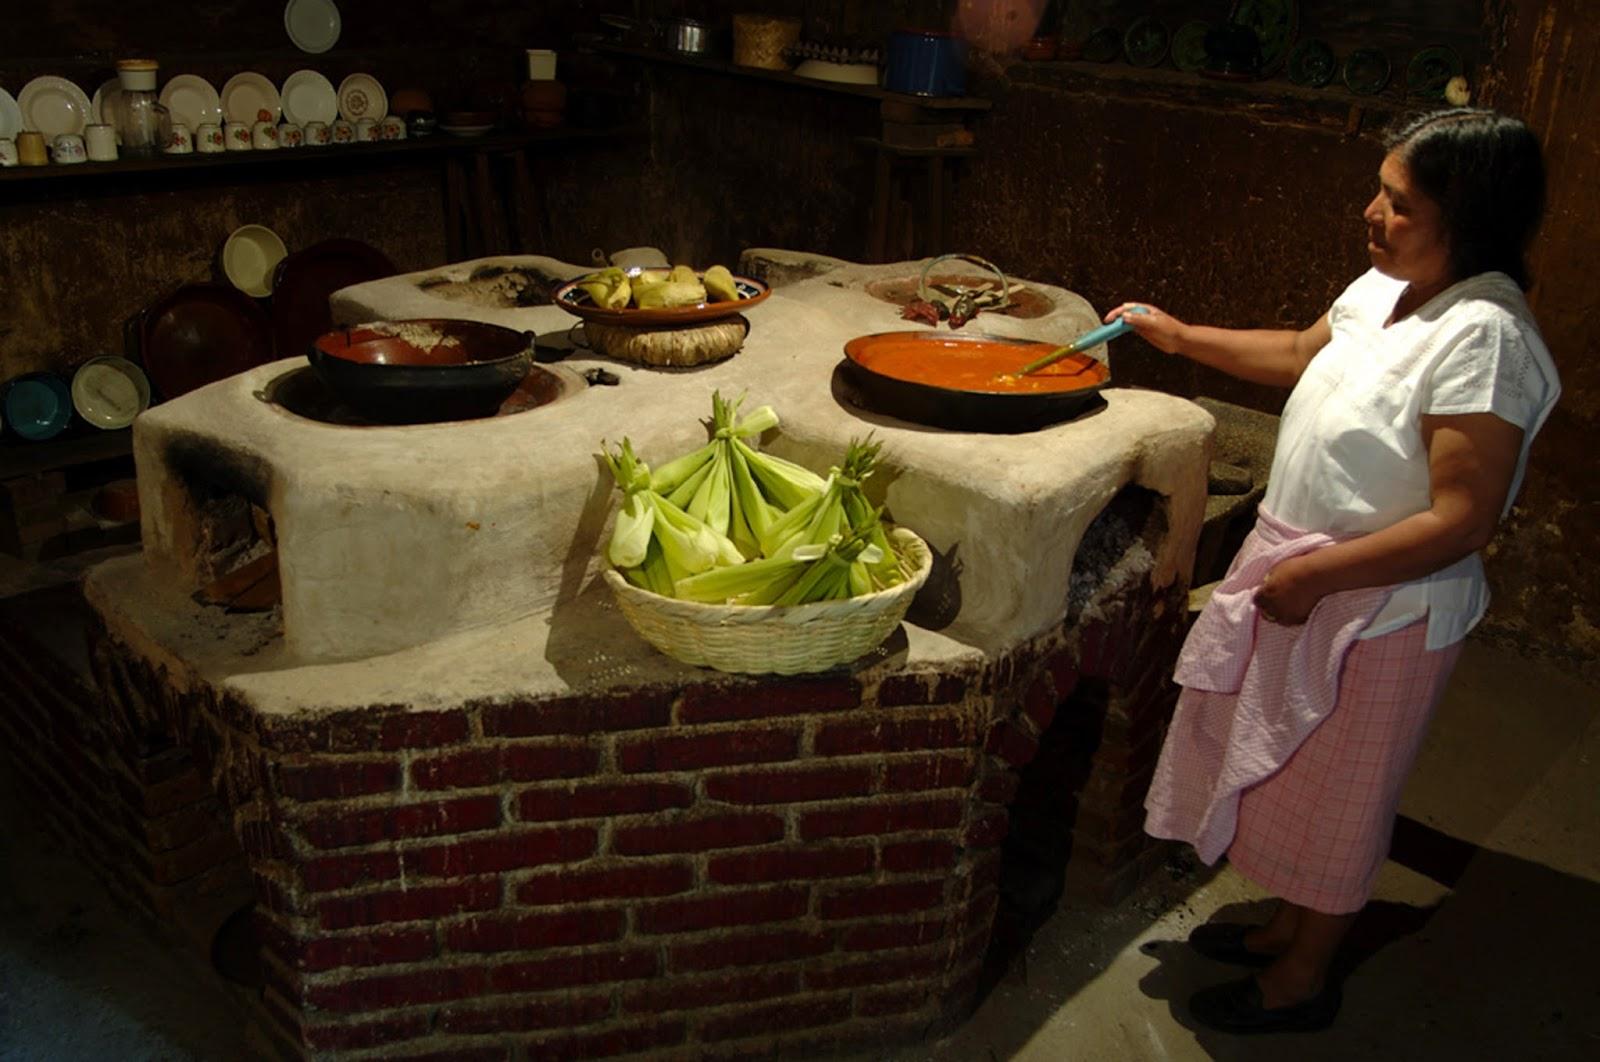 Ruta pixelia la cocina mexicana patrimonio inmaterial de for Utensilios de cocina mexicana